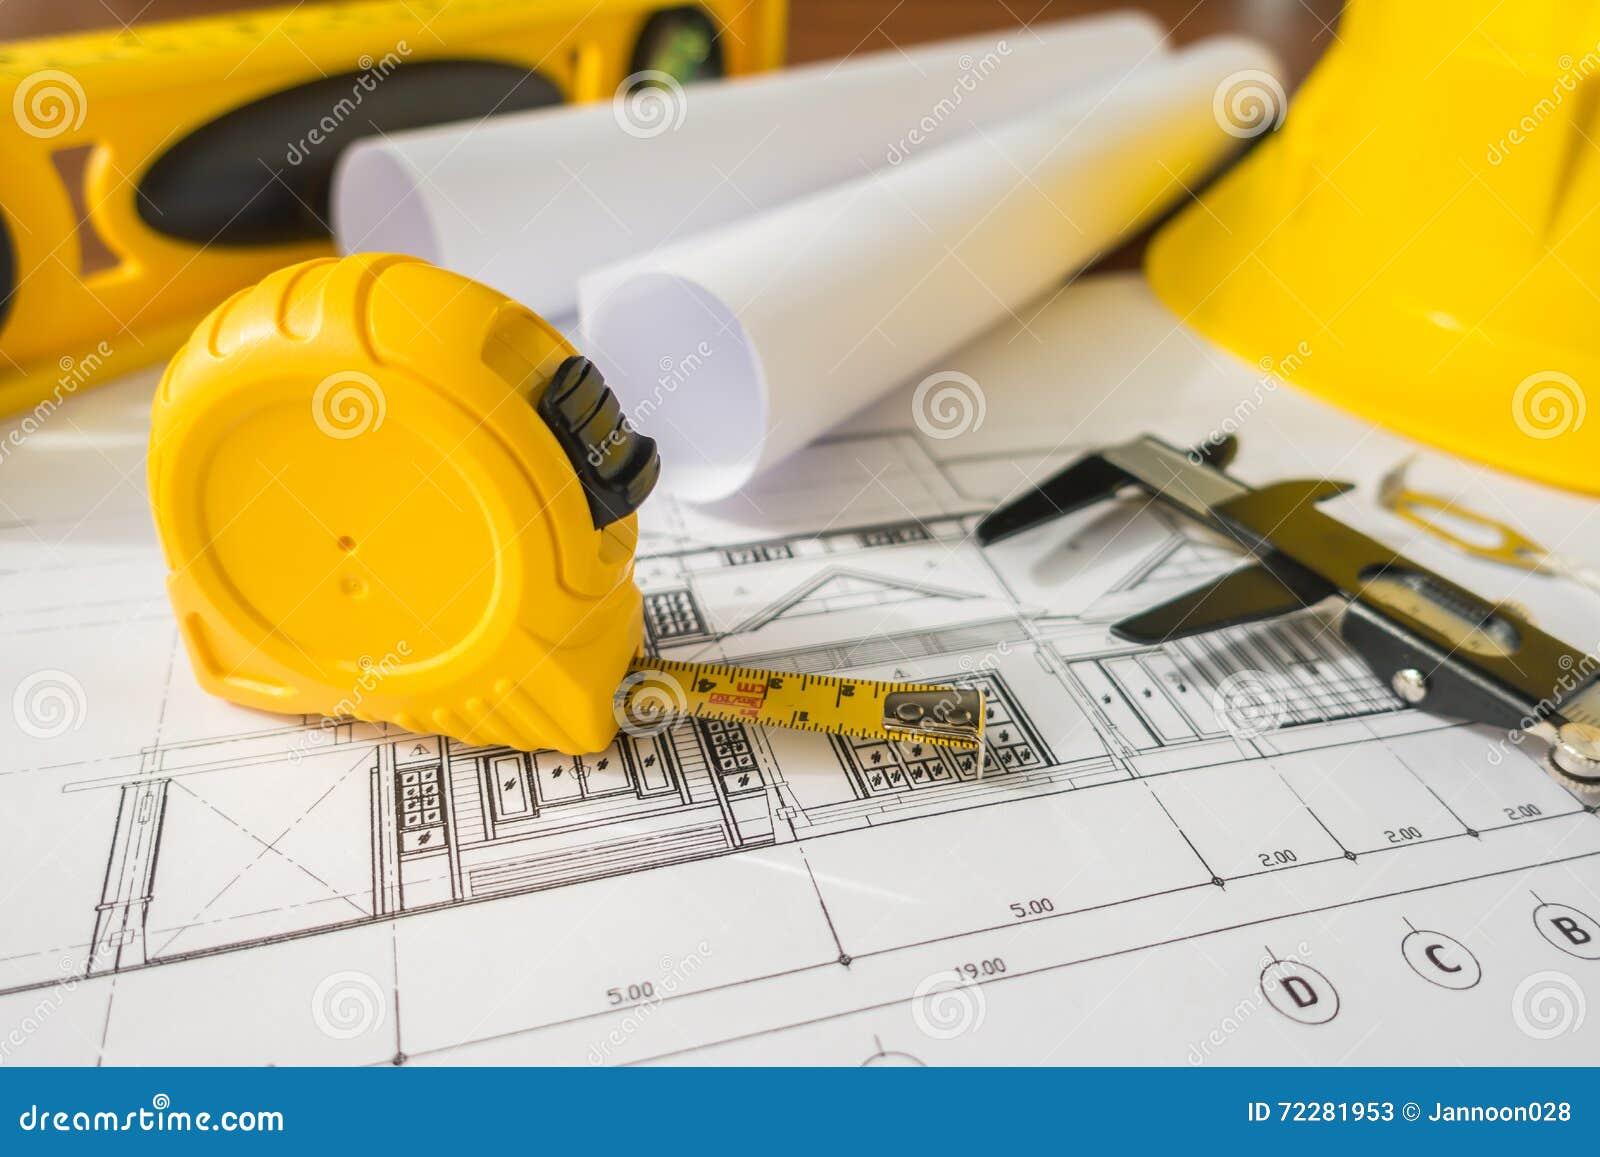 Download Планы строительства с желтым шлемом и чертегные инструменты на Bluep Стоковое Изображение - изображение насчитывающей афоризмов, черный: 72281953